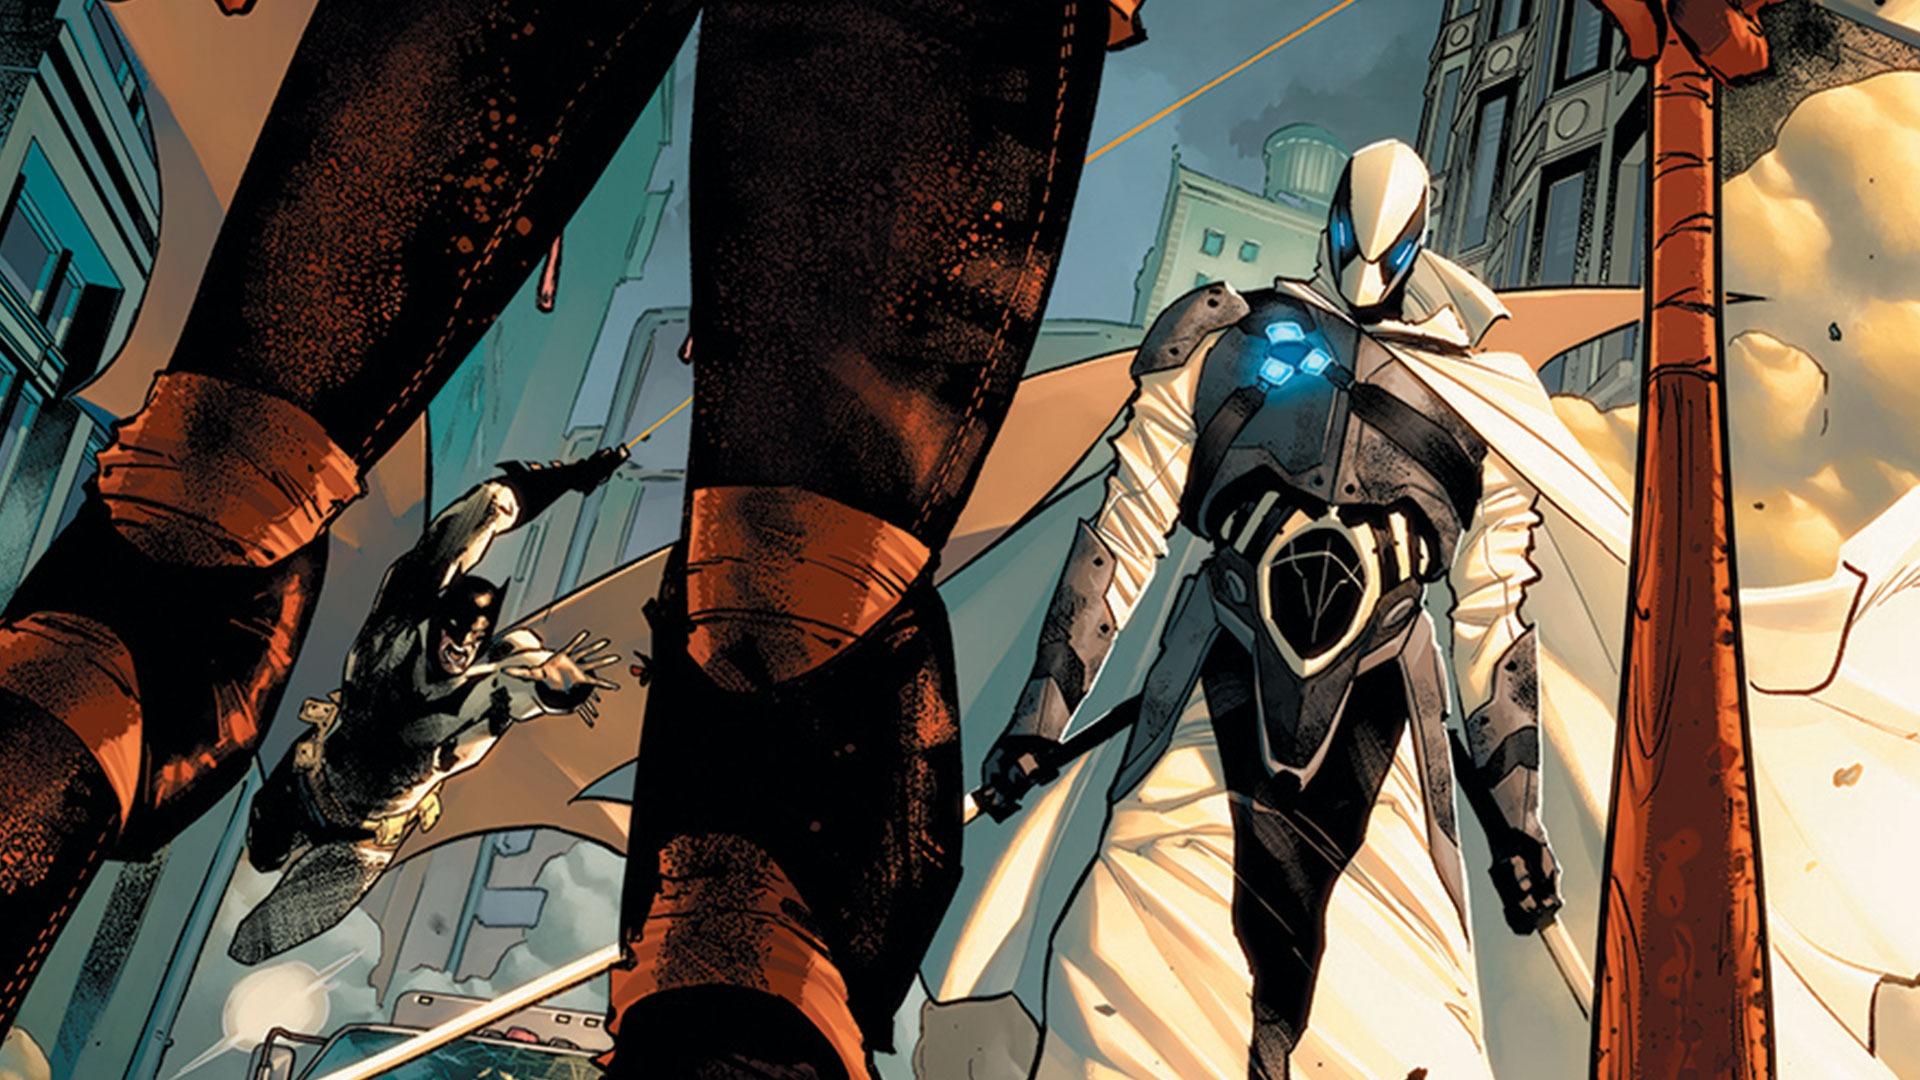 Batman page feature image